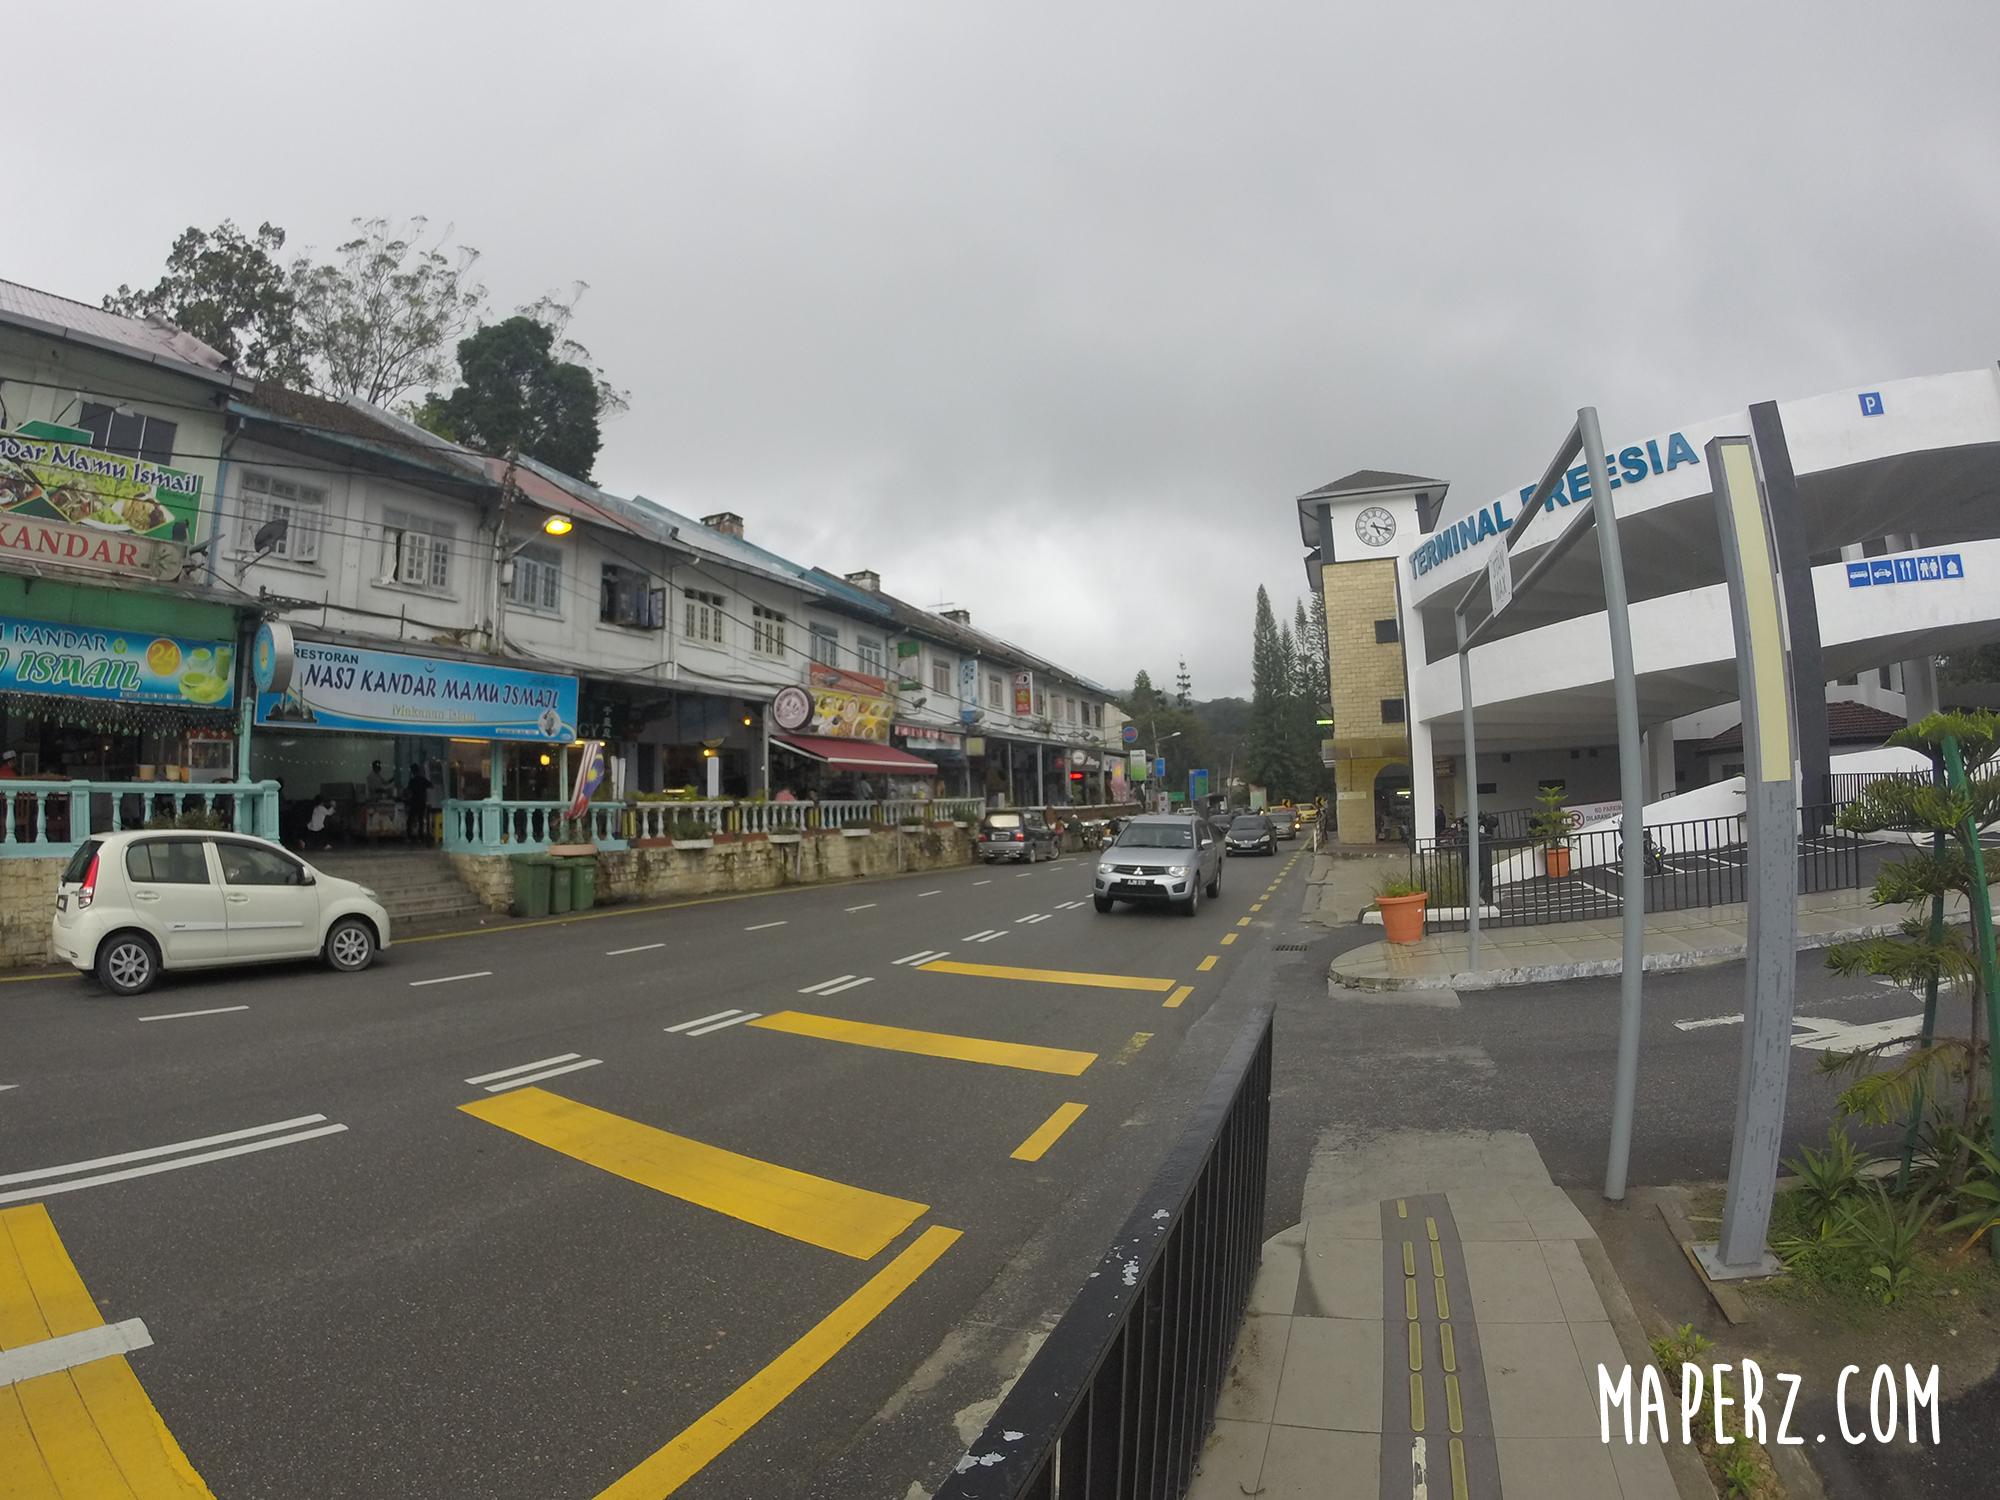 Calle principal - Cameron Highlands